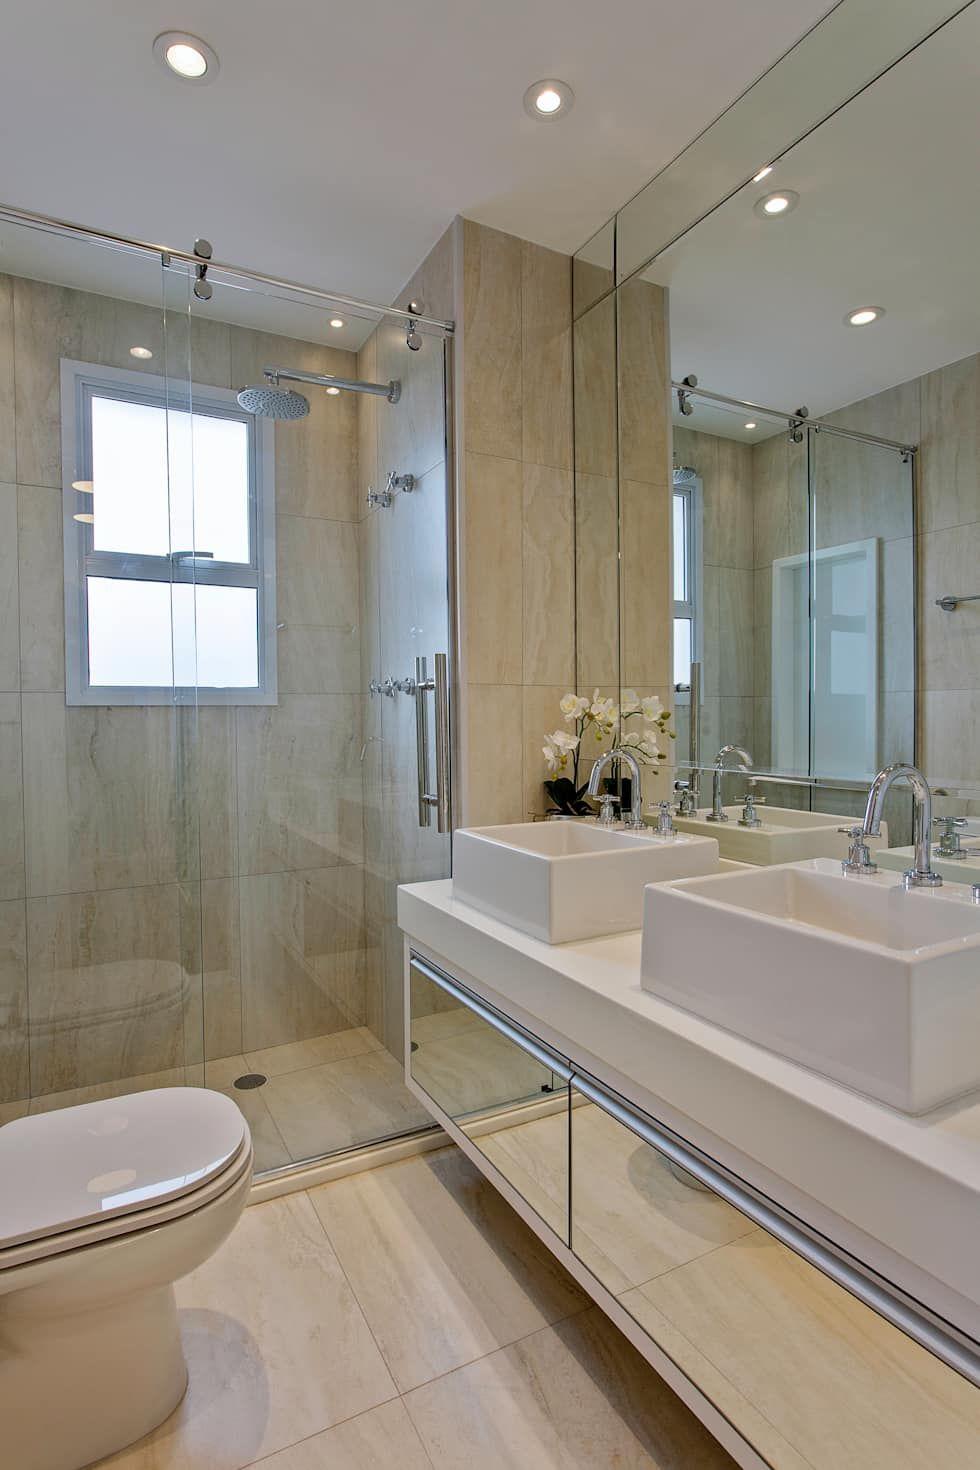 Fotos de decora o design de interiores e reformas for Pisos modernos pequenos